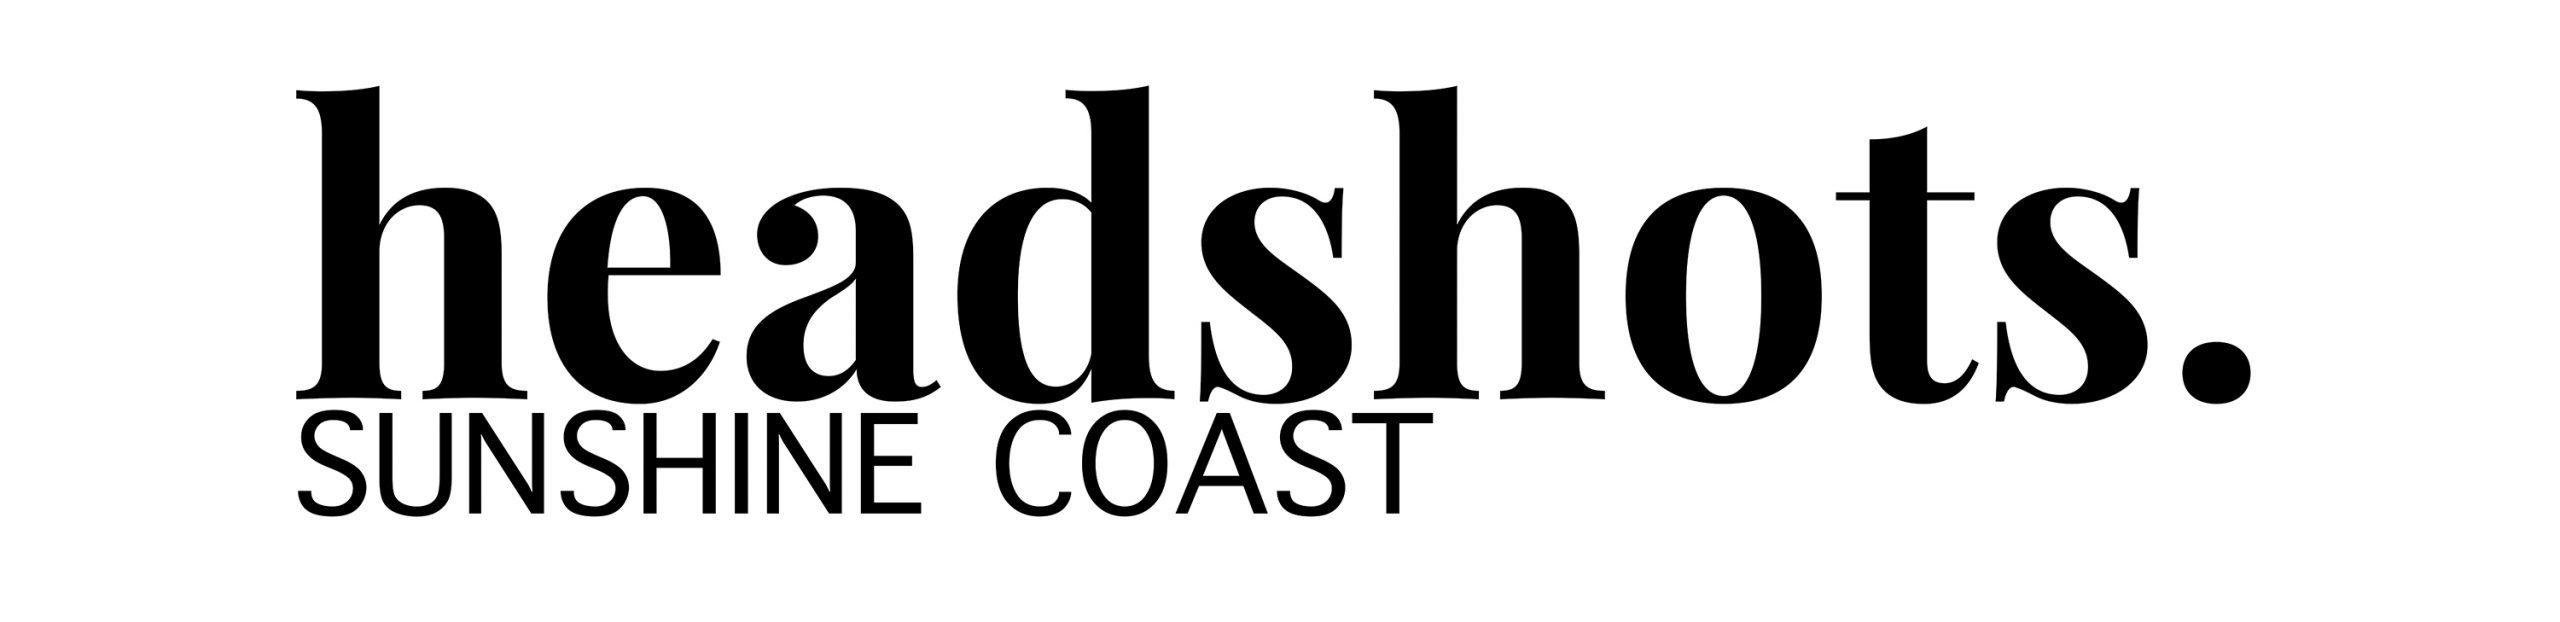 Headshots Sunshine Coast